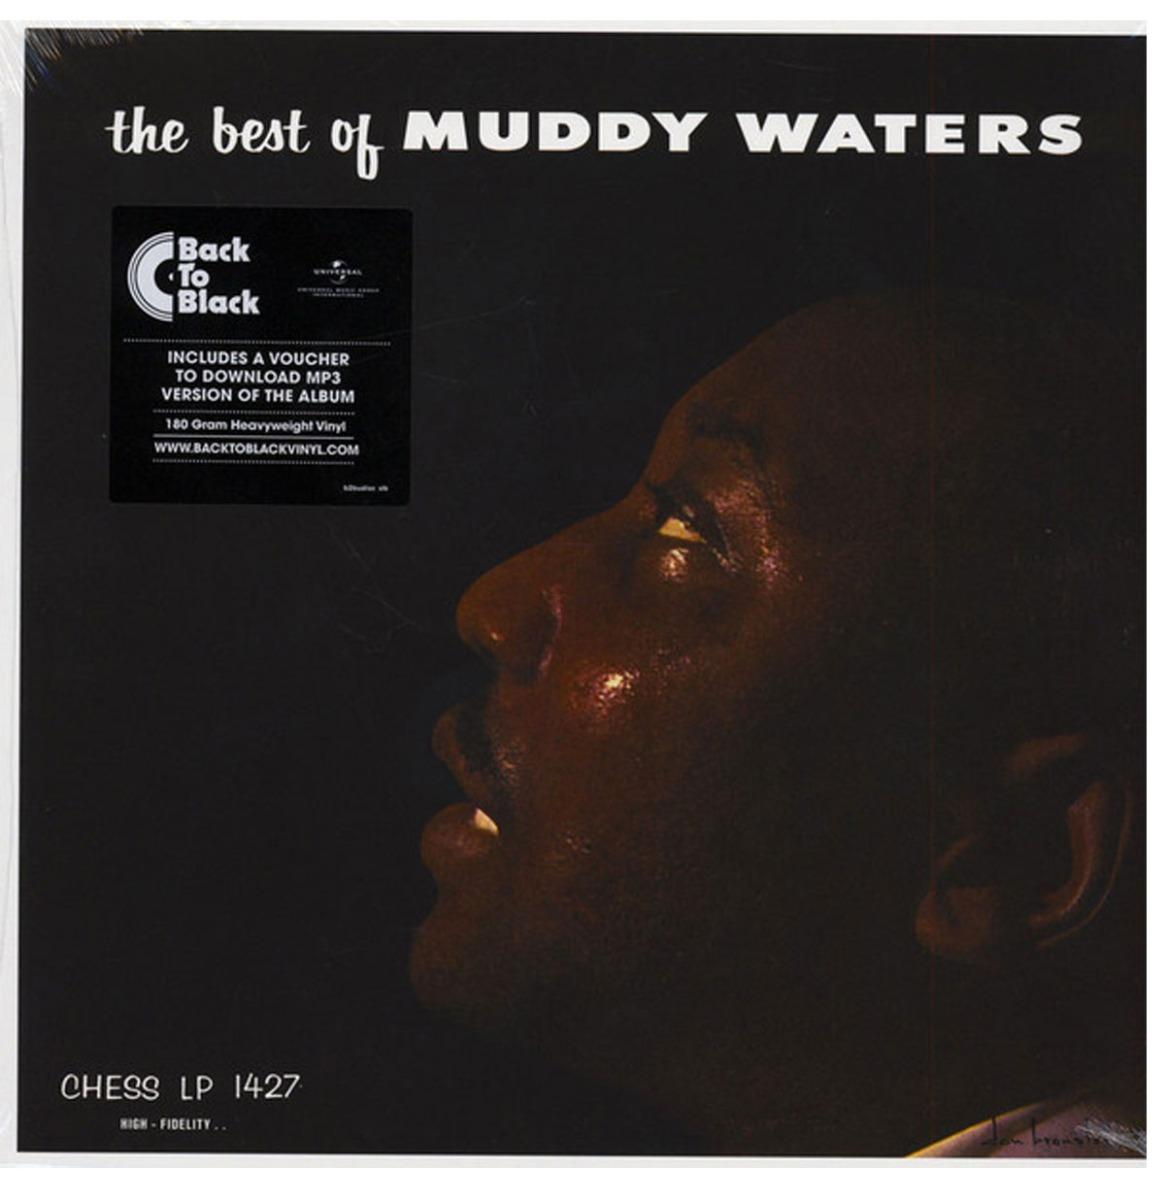 Muddy Waters - The Best Of Muddy Waters LP